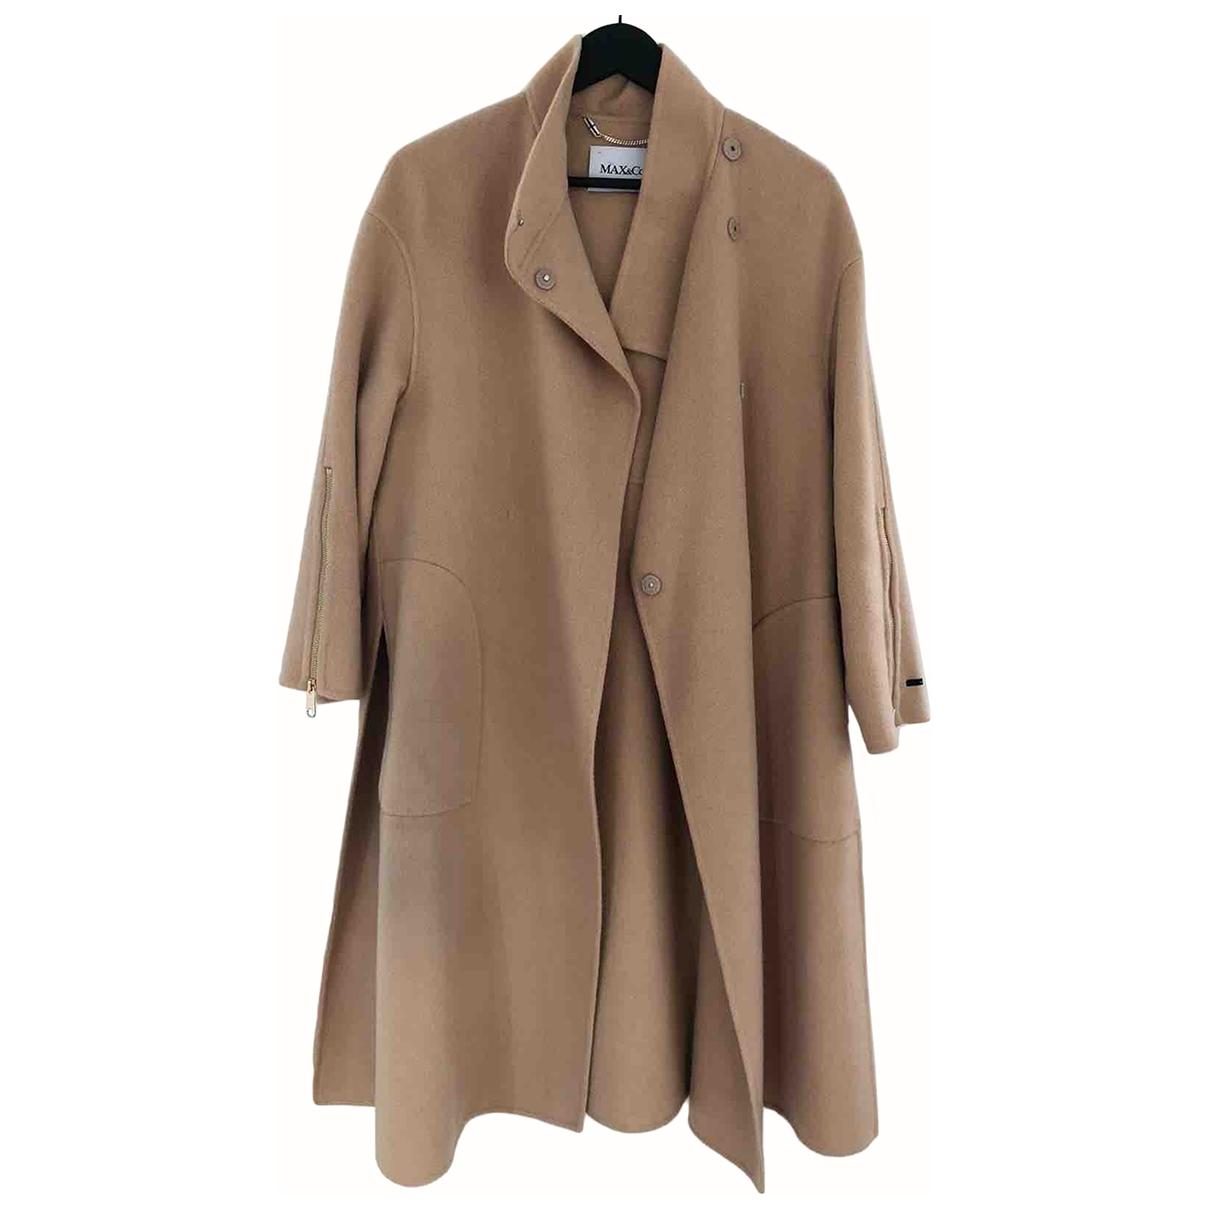 Max & Co \N Beige Wool coat for Women 38 FR